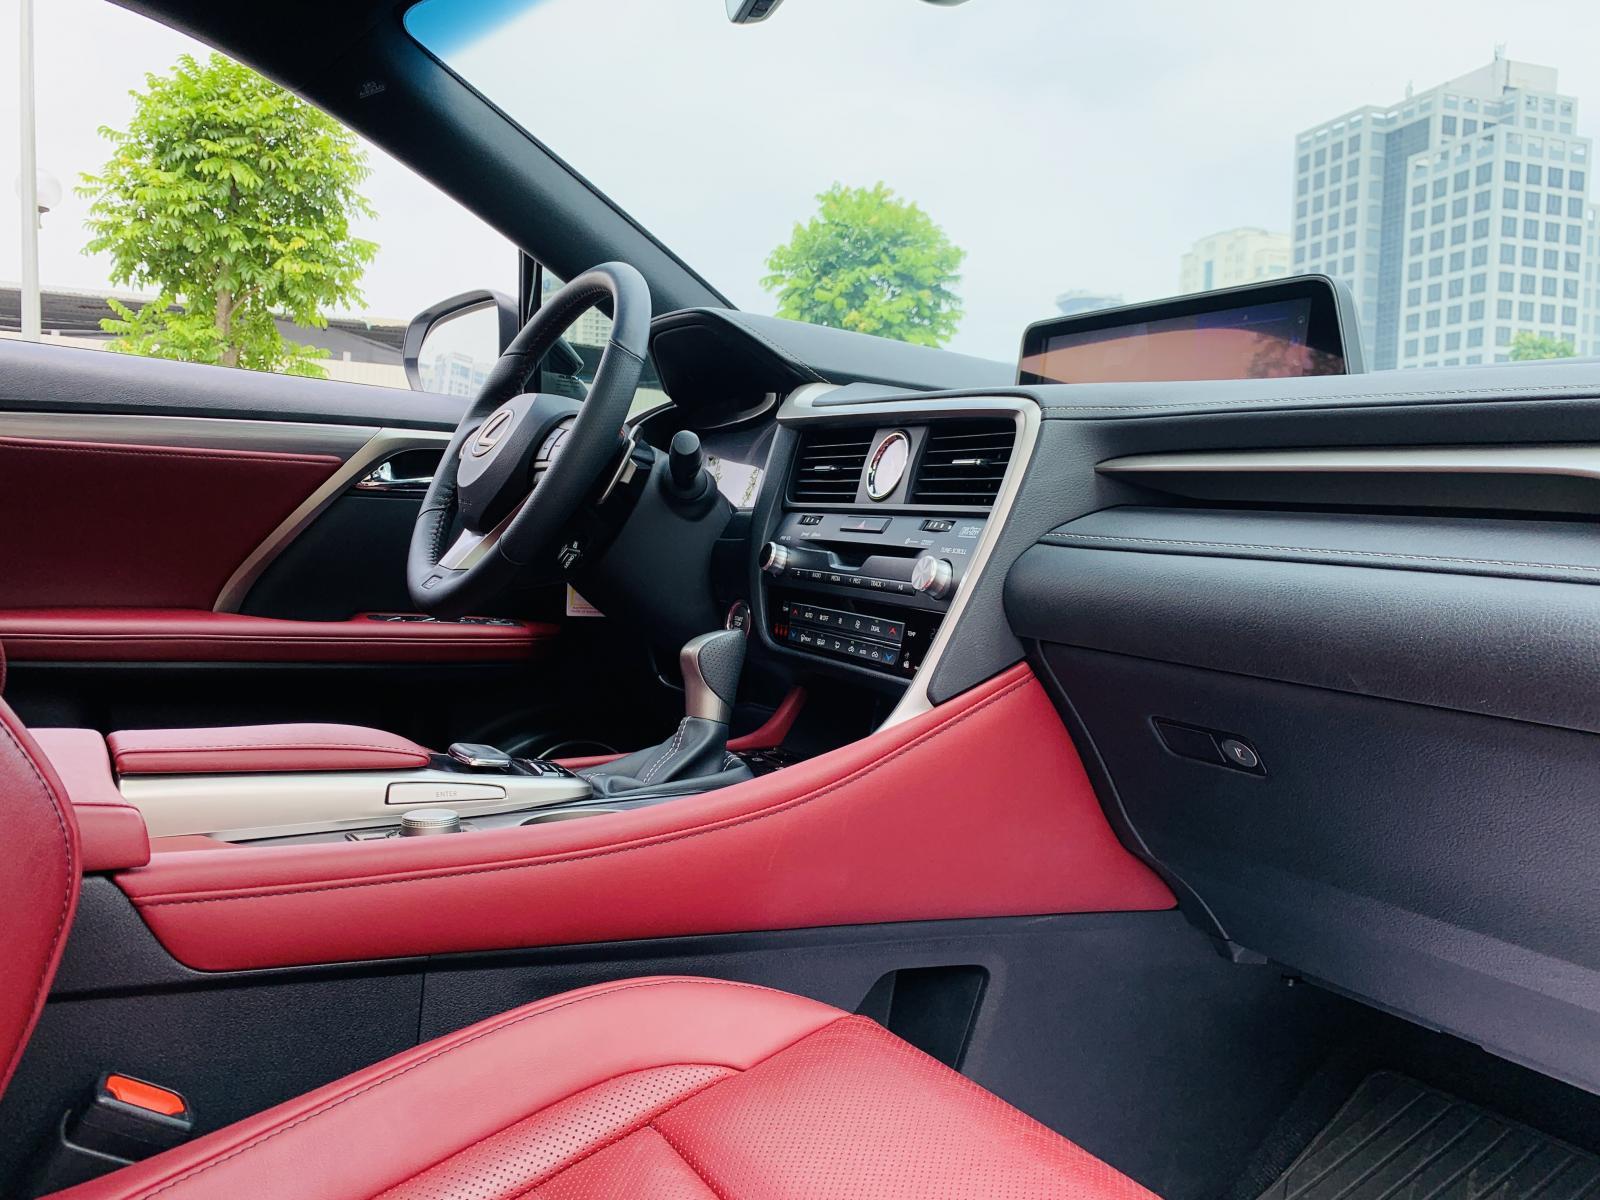 Bán ô tô Lexus RX350 F-Sport sản xuất 2019, màu trắng, nhập khẩu nguyên chiếc